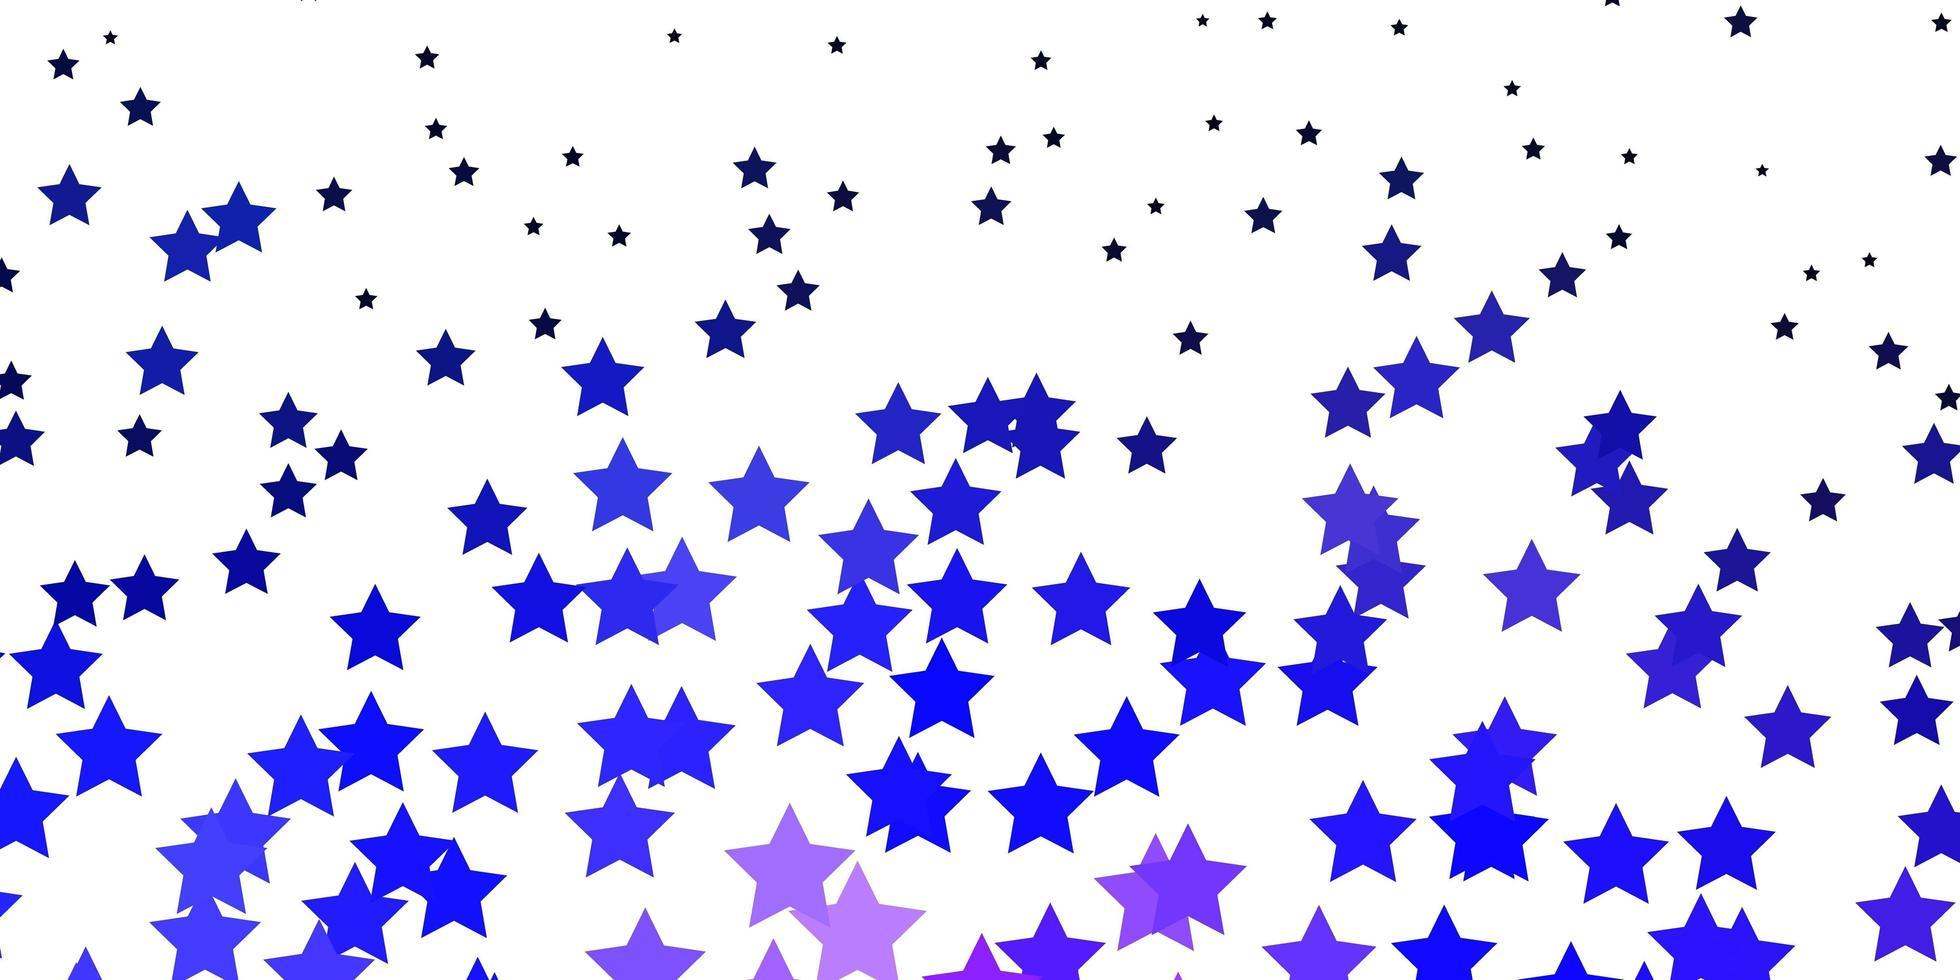 fundo vector roxo escuro com estrelas pequenas e grandes.